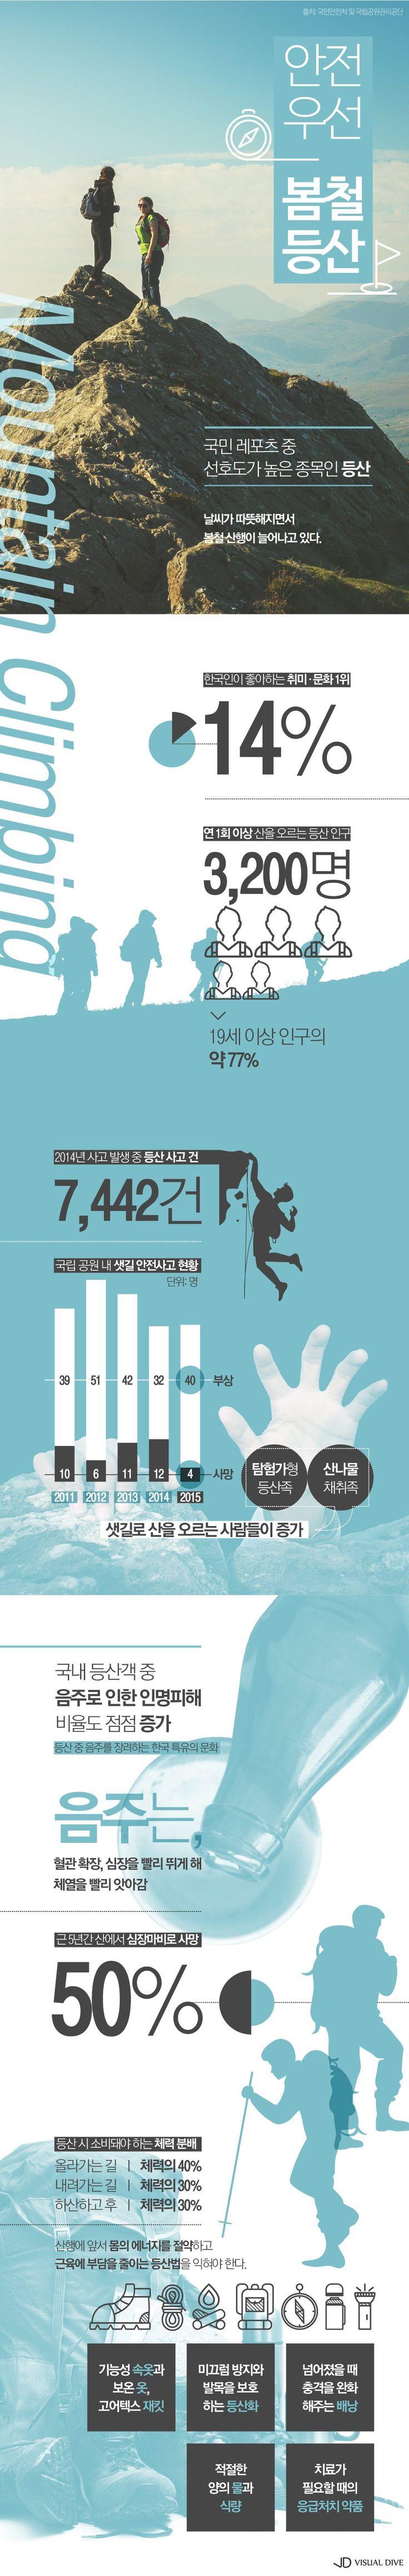 안전하게 '봄철 산행' 하는 방법 [인포그래픽] #climbing / #Infographic ⓒ 비주얼다이브 무단 복사·전재·재배포 금지